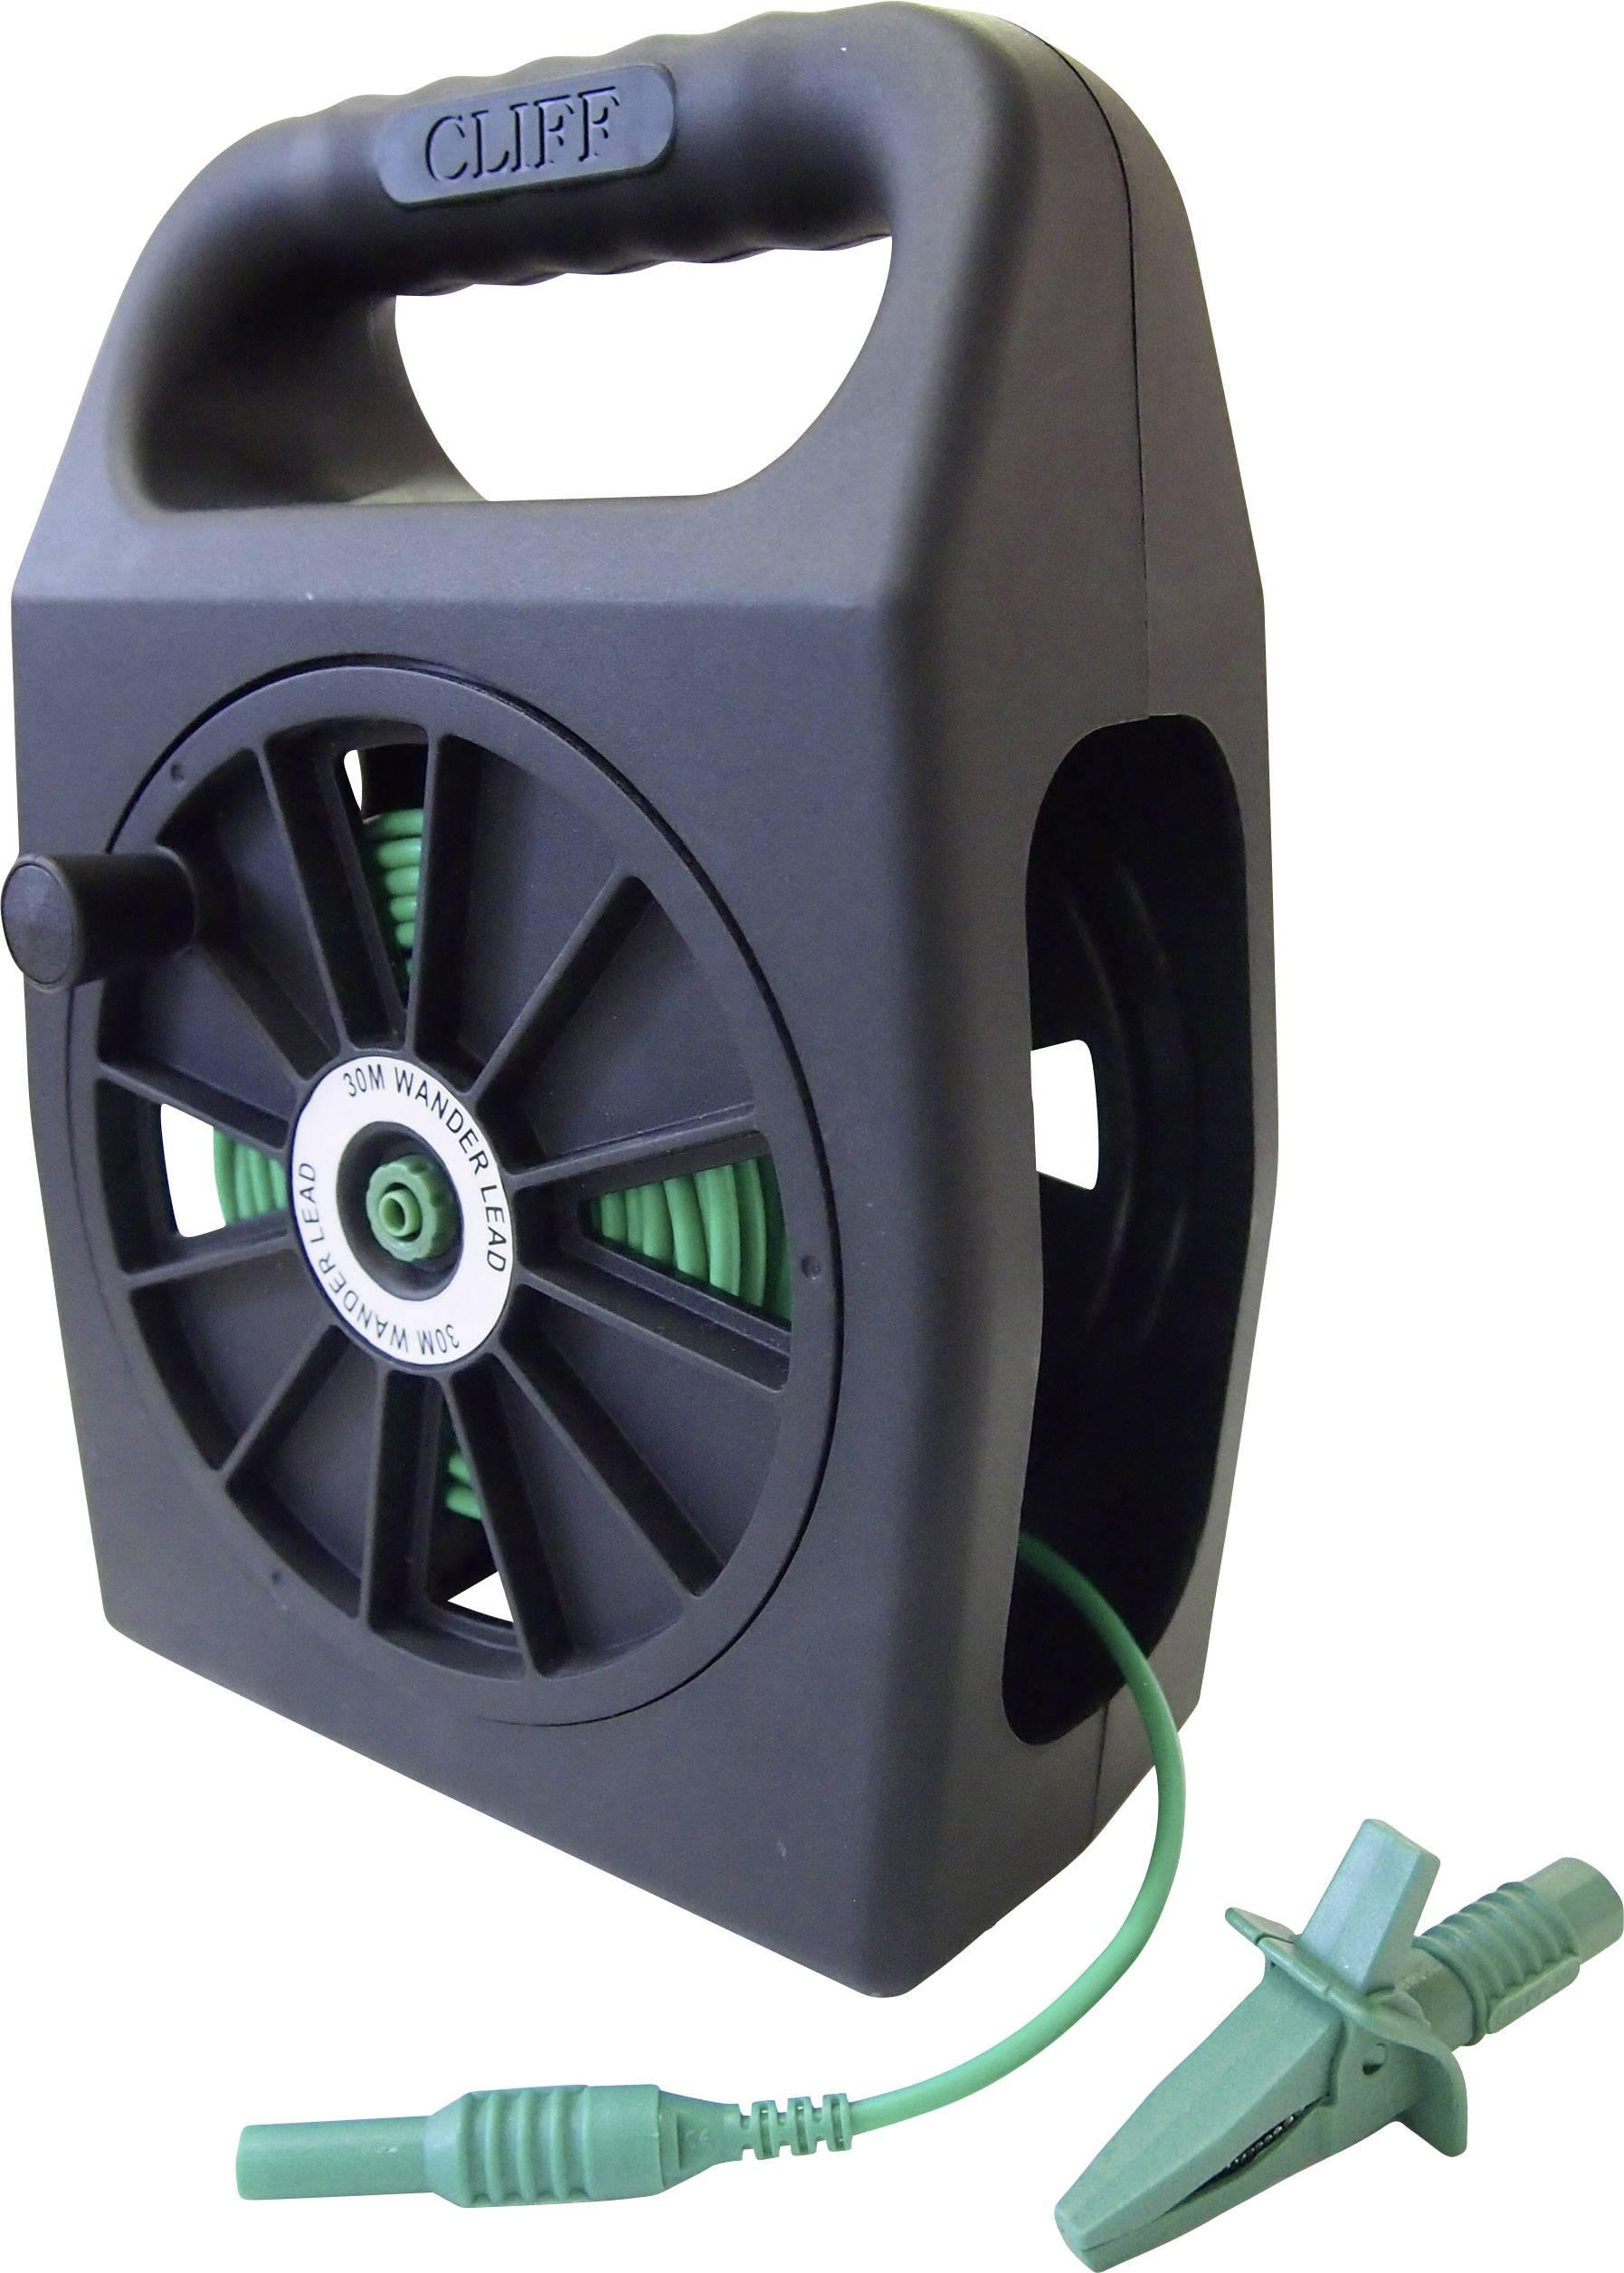 Merací kábel zástrčka 4 mm ⇔ zásuvka 4 mm Cliff CIH299430, 30 m, zelená